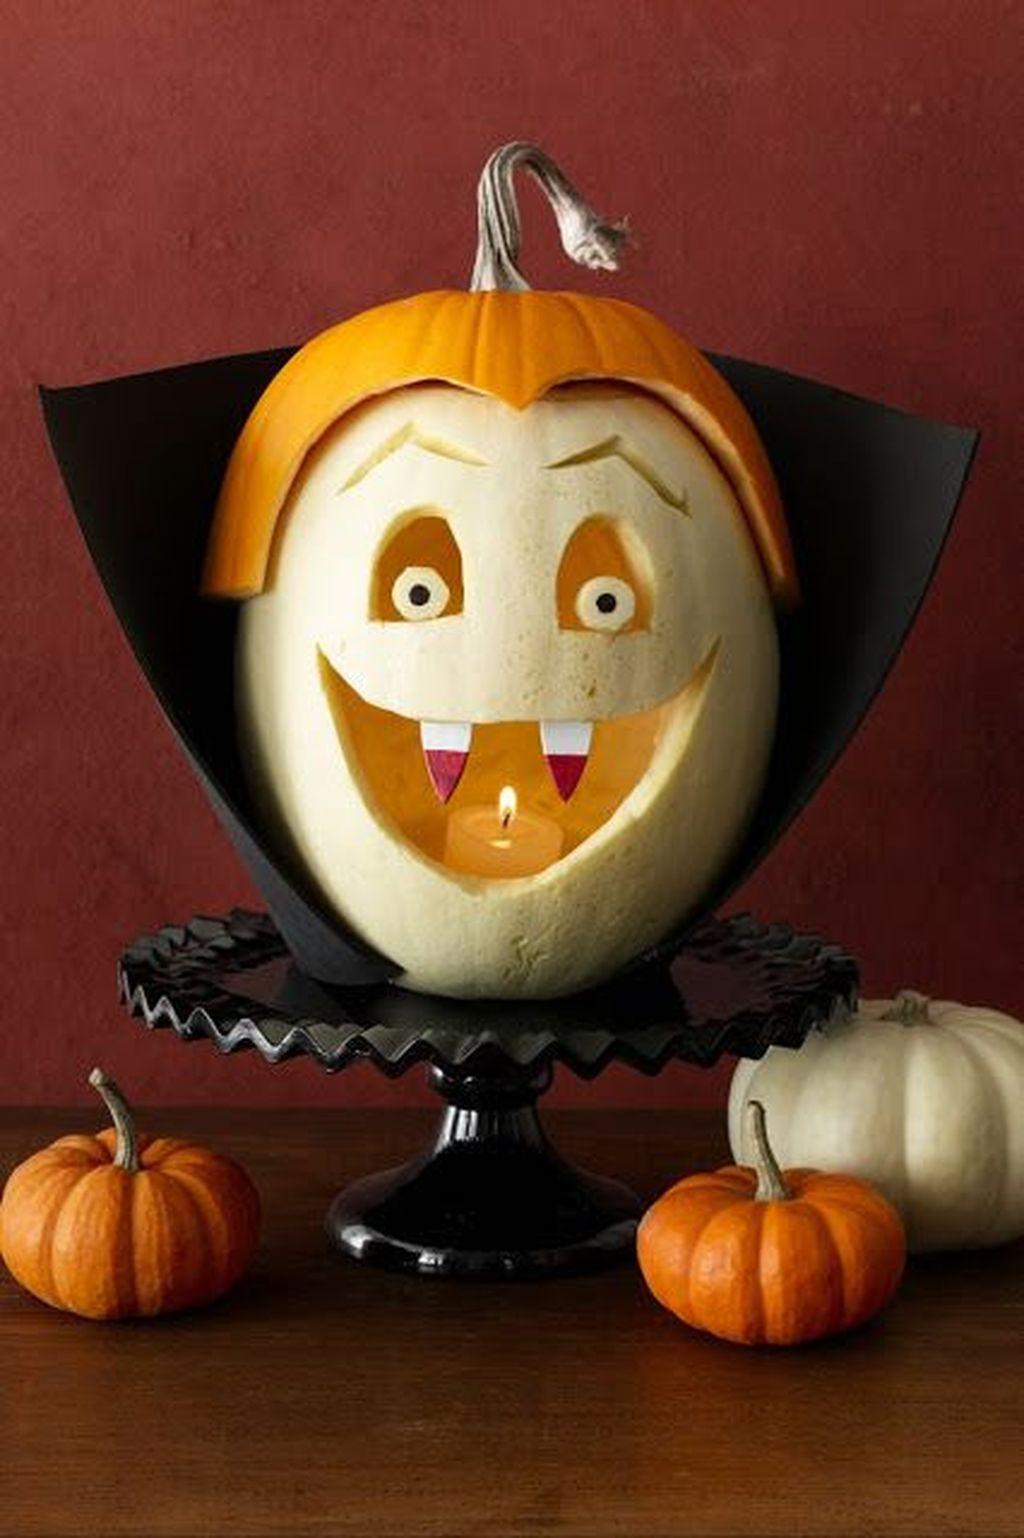 Popular Halloween Pumpkin Design Ideas 09